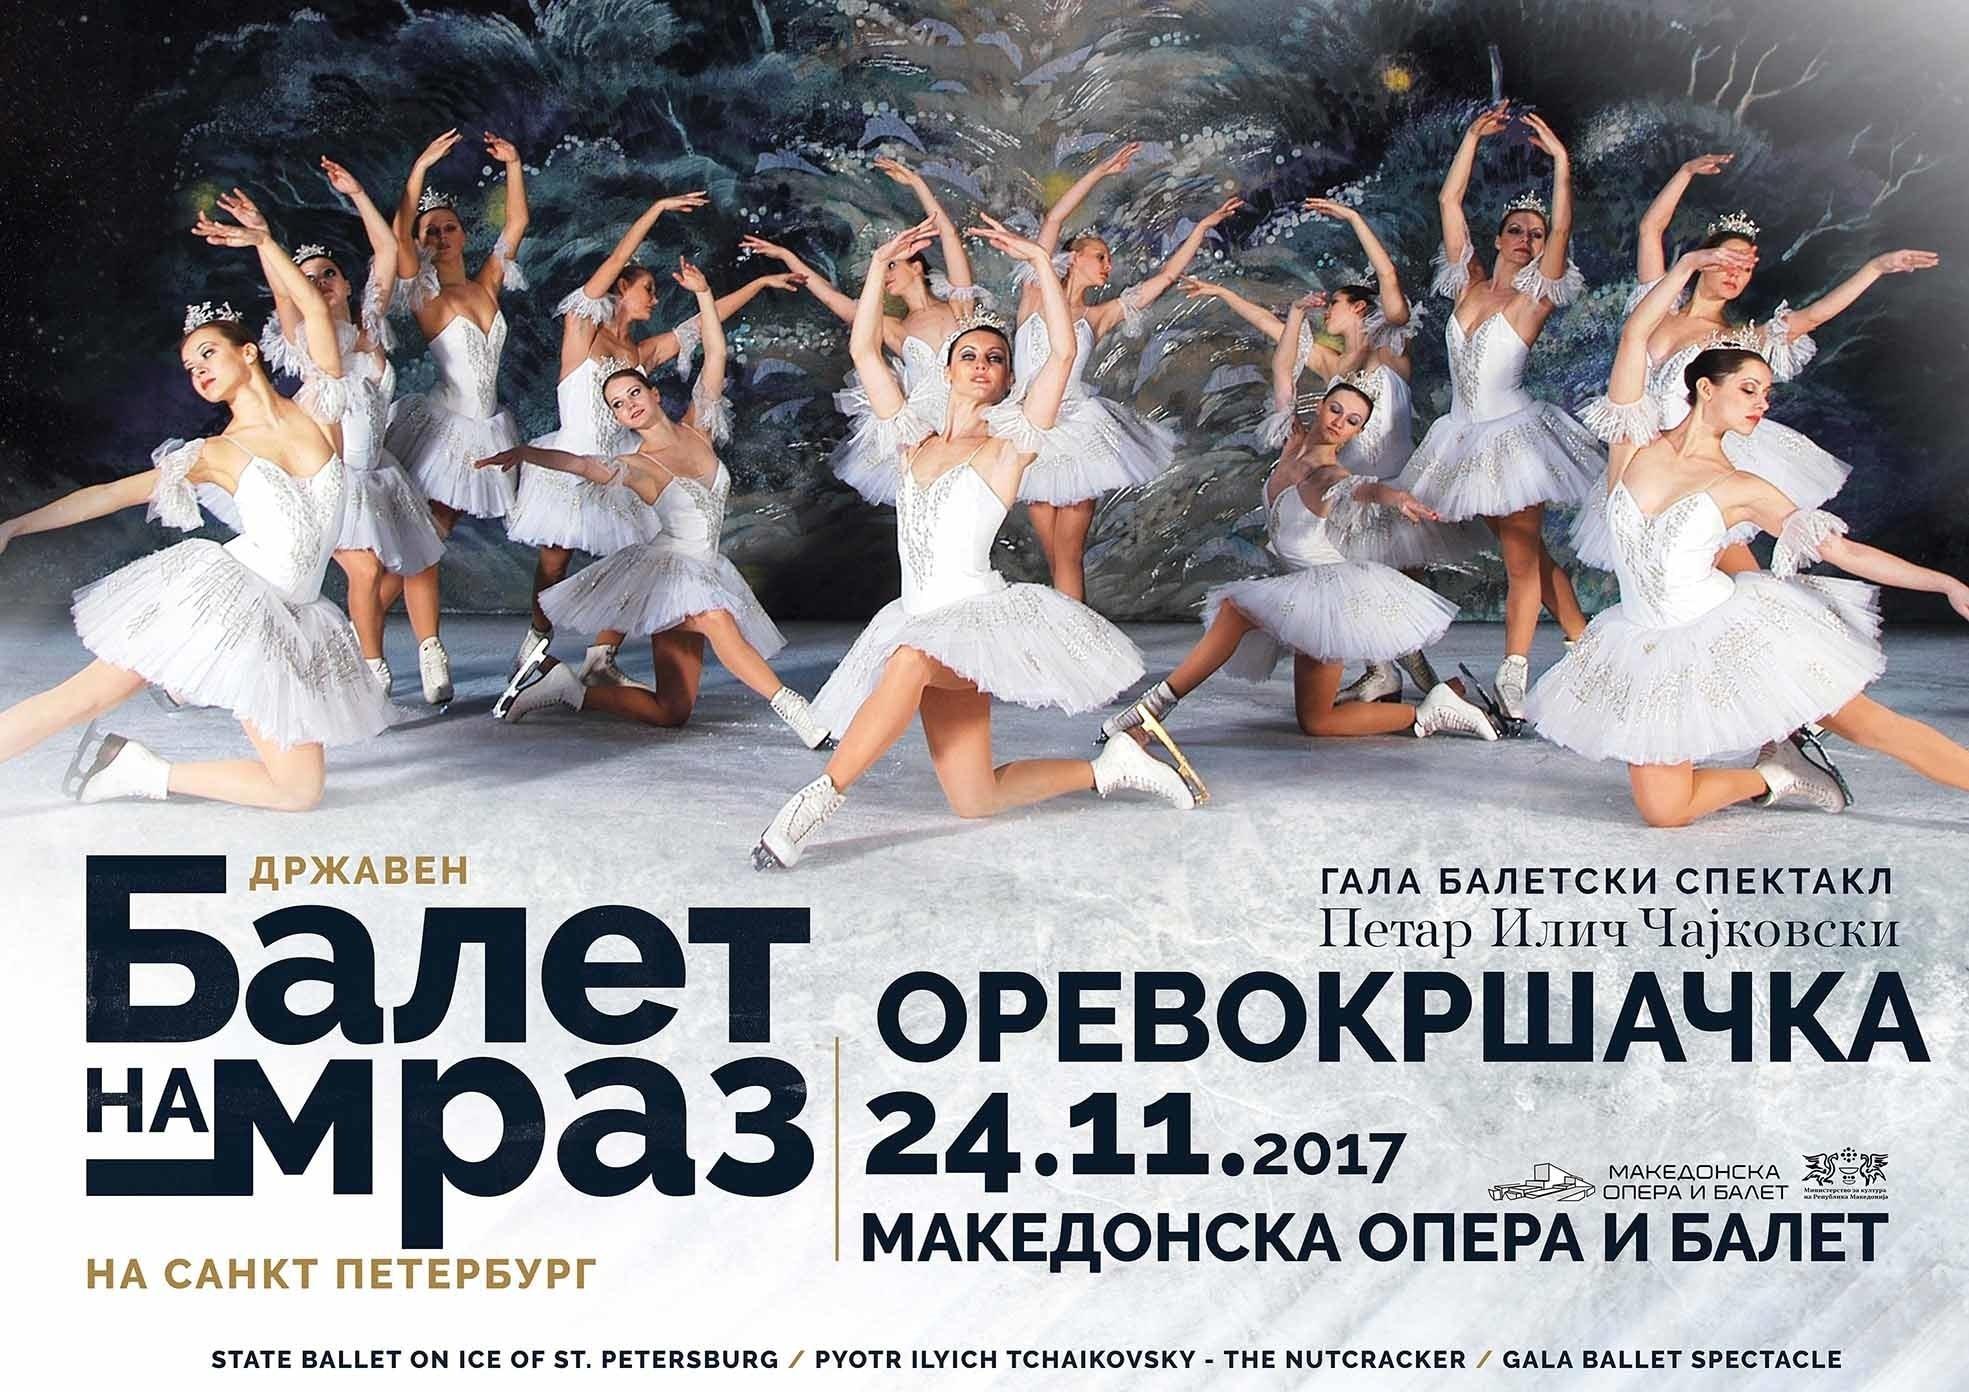 """Балетскиот спектакл """"Оревокршачка"""" на мраз на 24-ти ноември во Скопје!"""